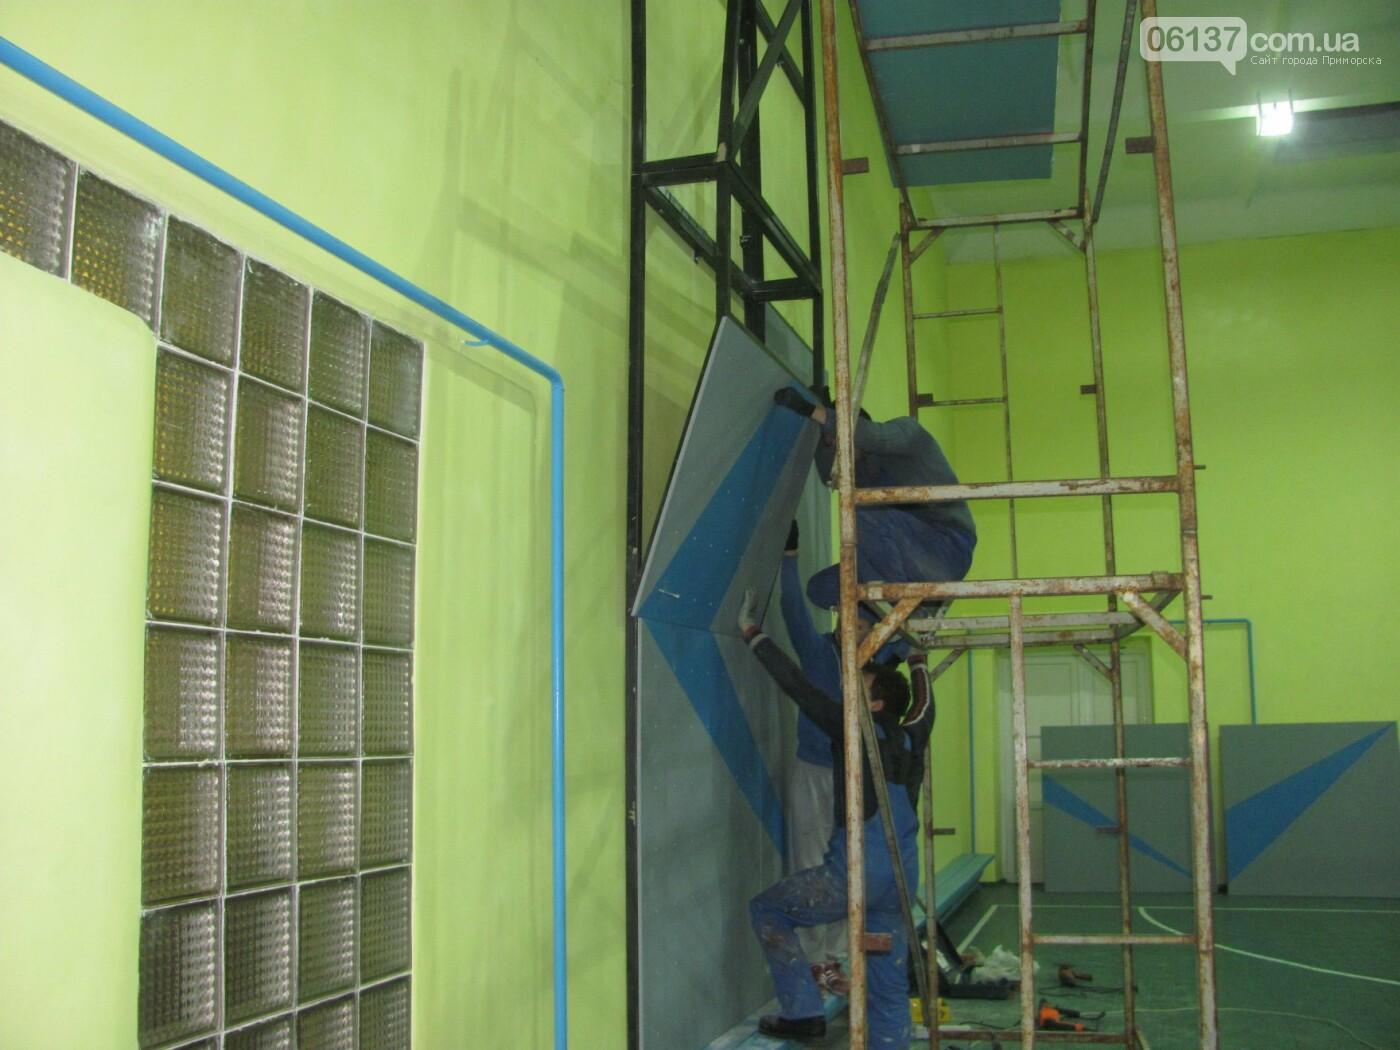 Приморск - торжественное открытие скалодрома, фото-1